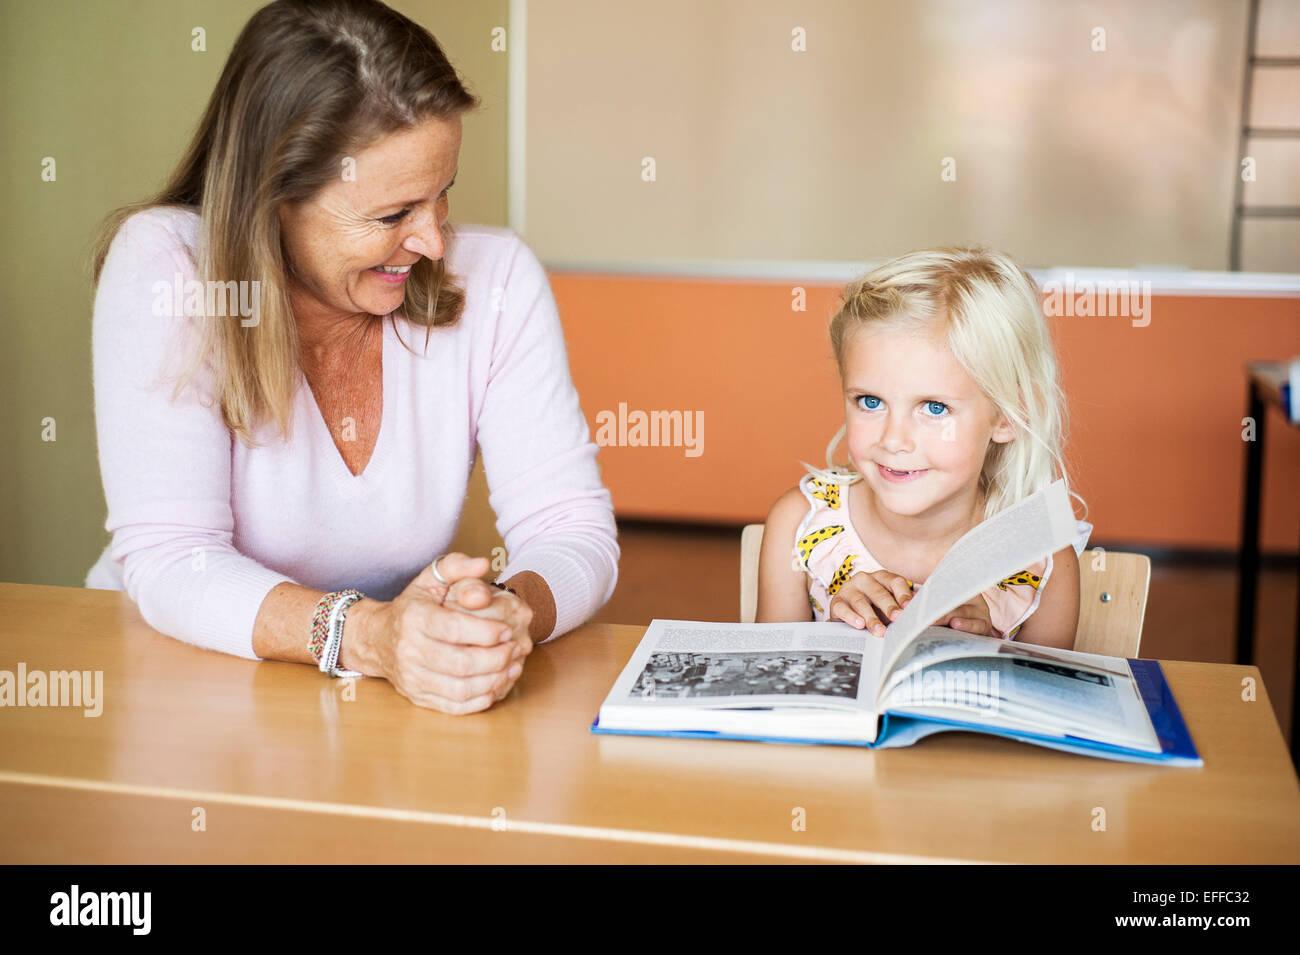 Glückliche Lehrer betrachten Mädchen drehen Buchseite im Klassenzimmer Stockbild